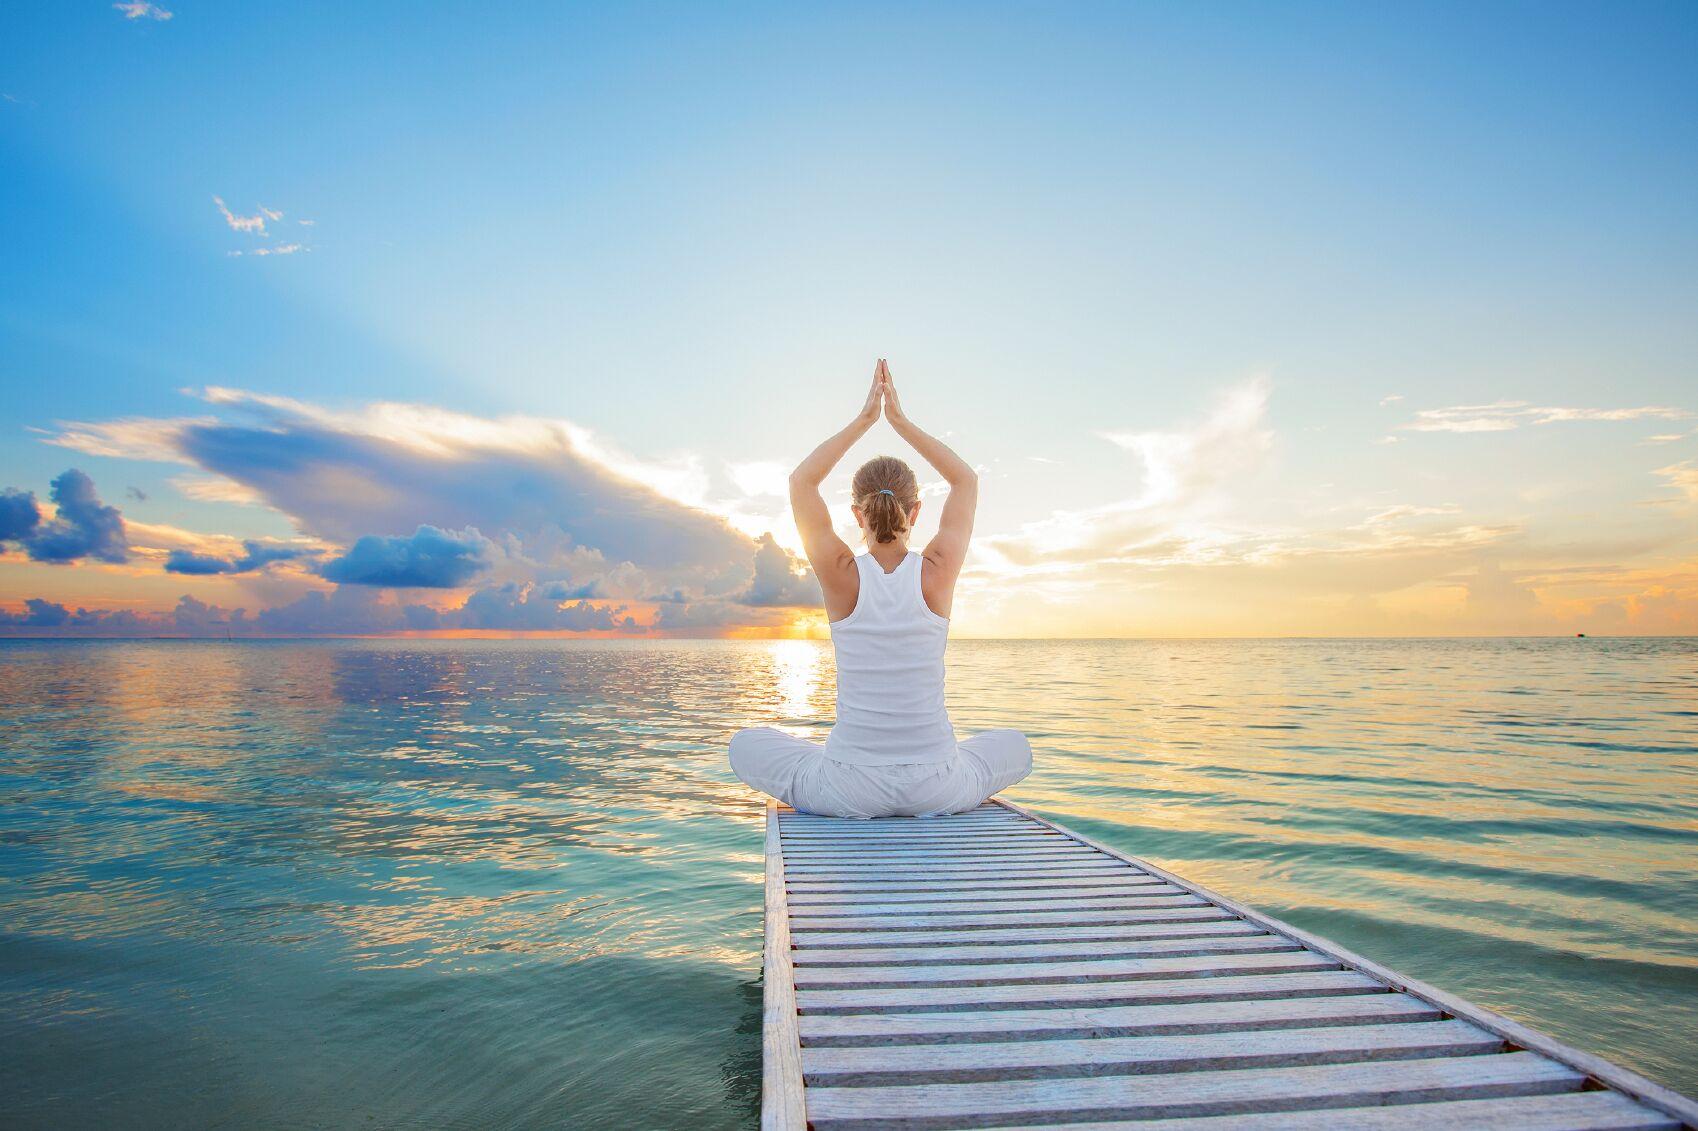 En dame som sitter på bryggen og mediterer ved sjøen til en nydelig solnedgang. En perfekt 18 års gave til datter.